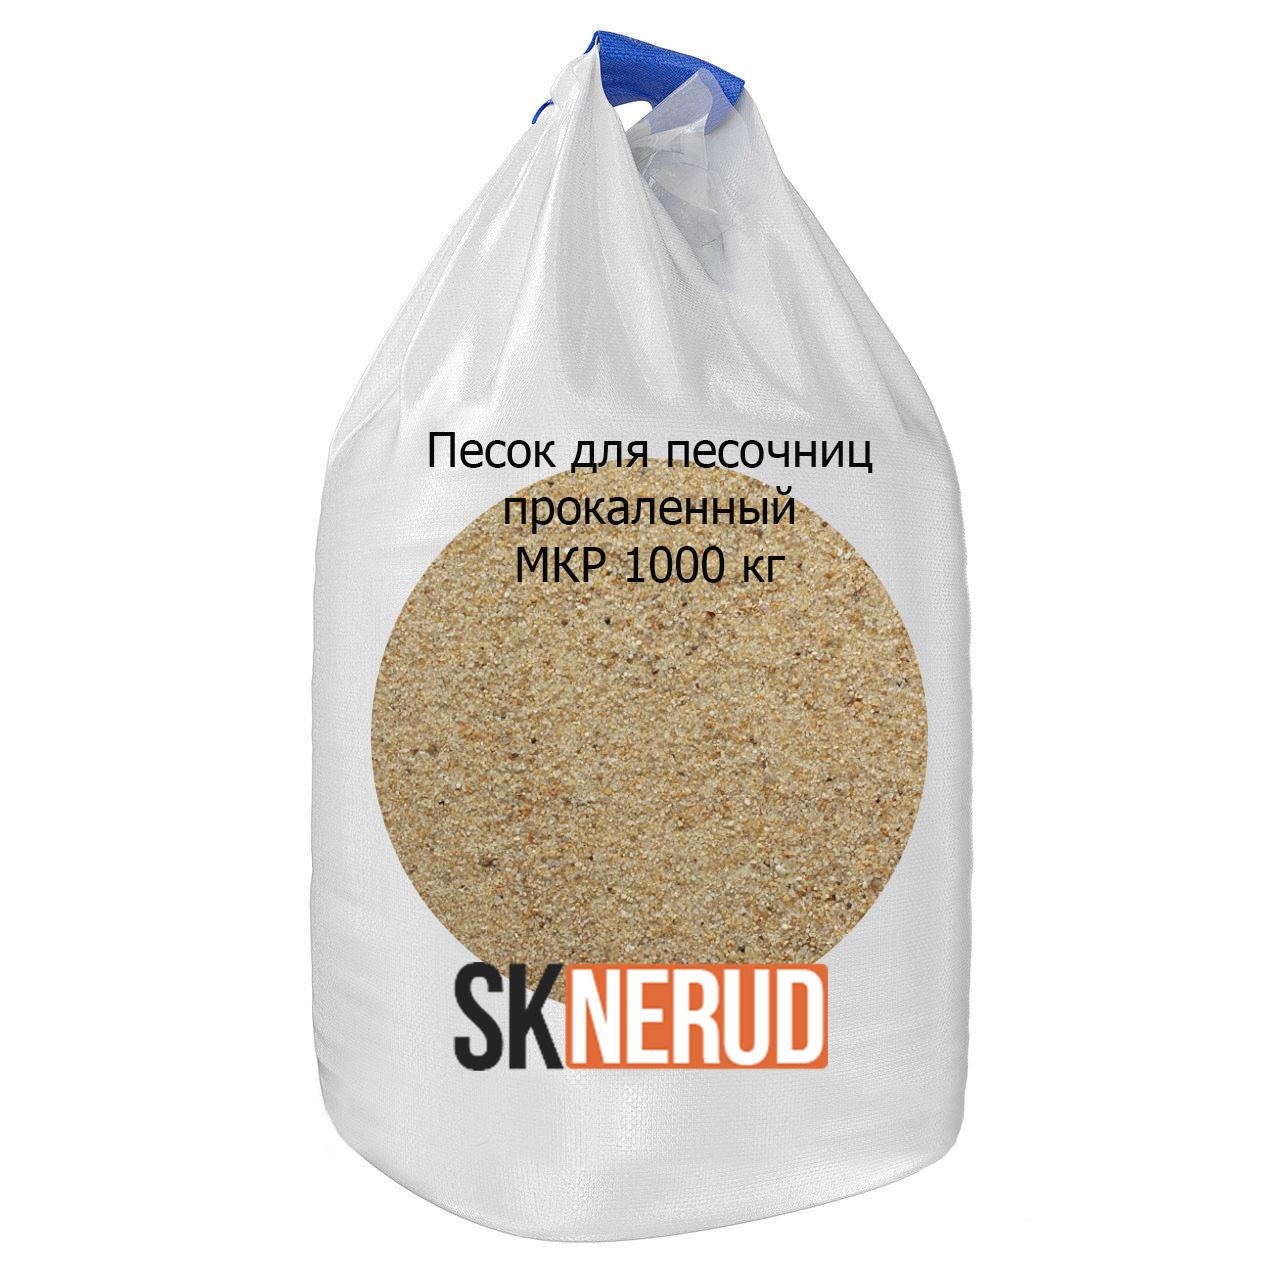 Песок речной прокаленный для песочниц в МКР 1000 кг